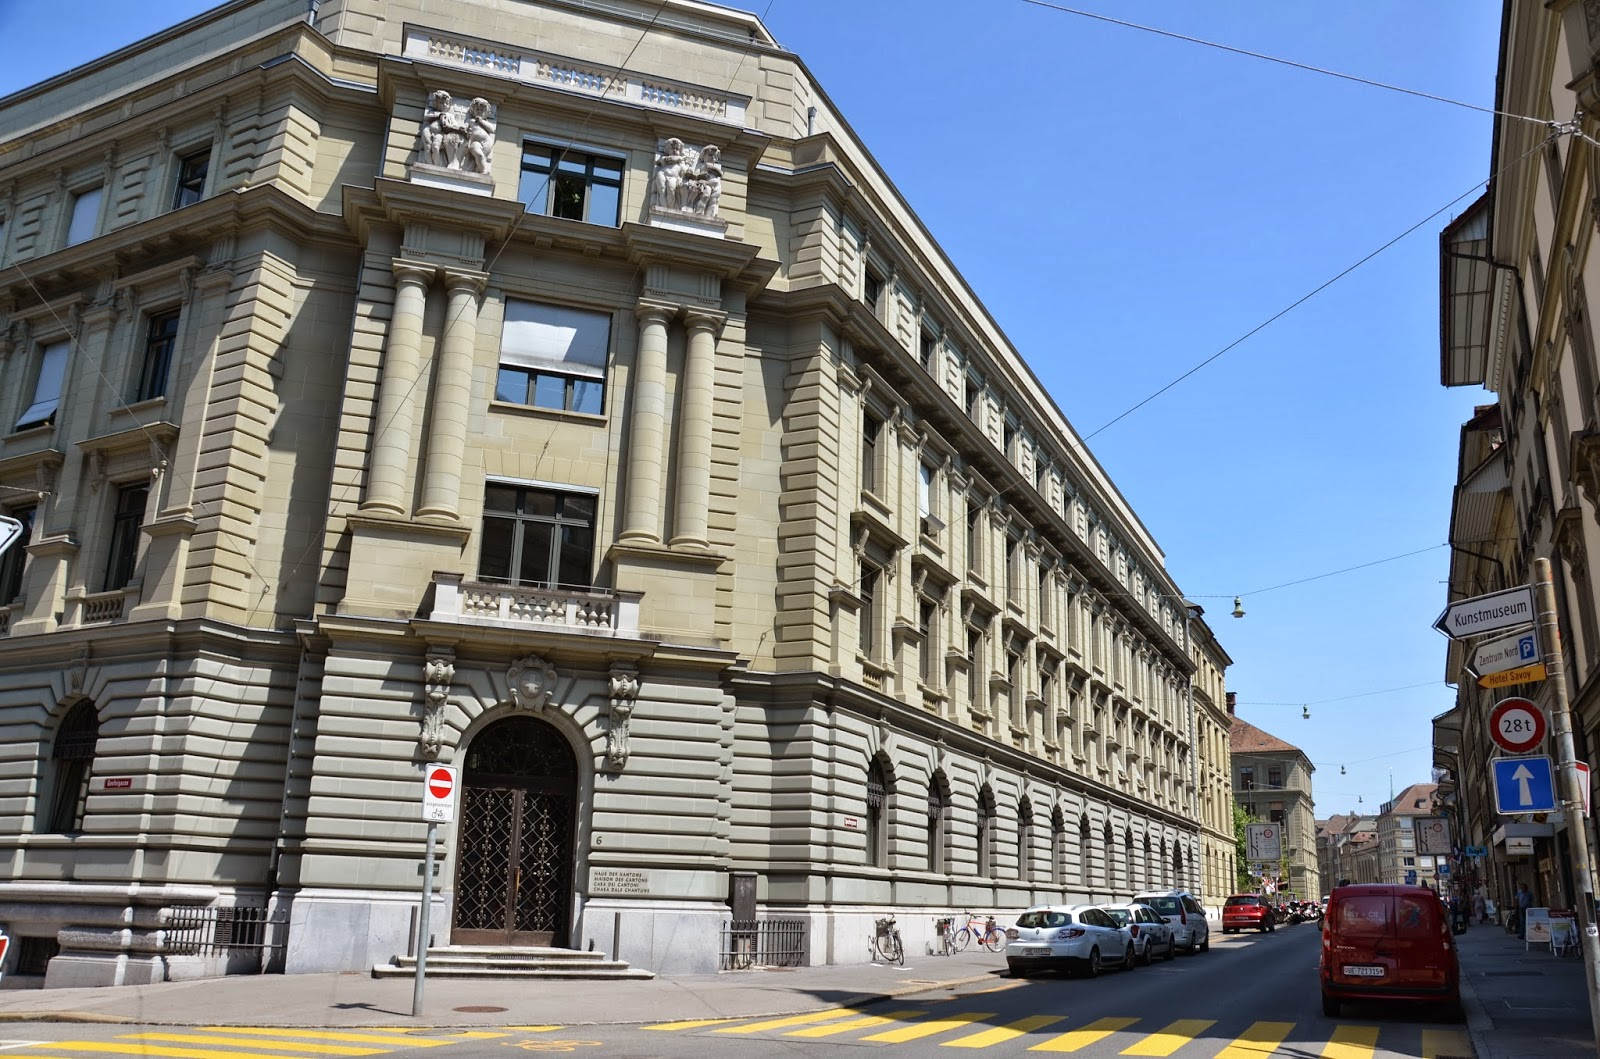 baugh s blog photo essay albert einstein s annus mirabilis  einstein began working here in bern s federal office for intellectual property in 1902